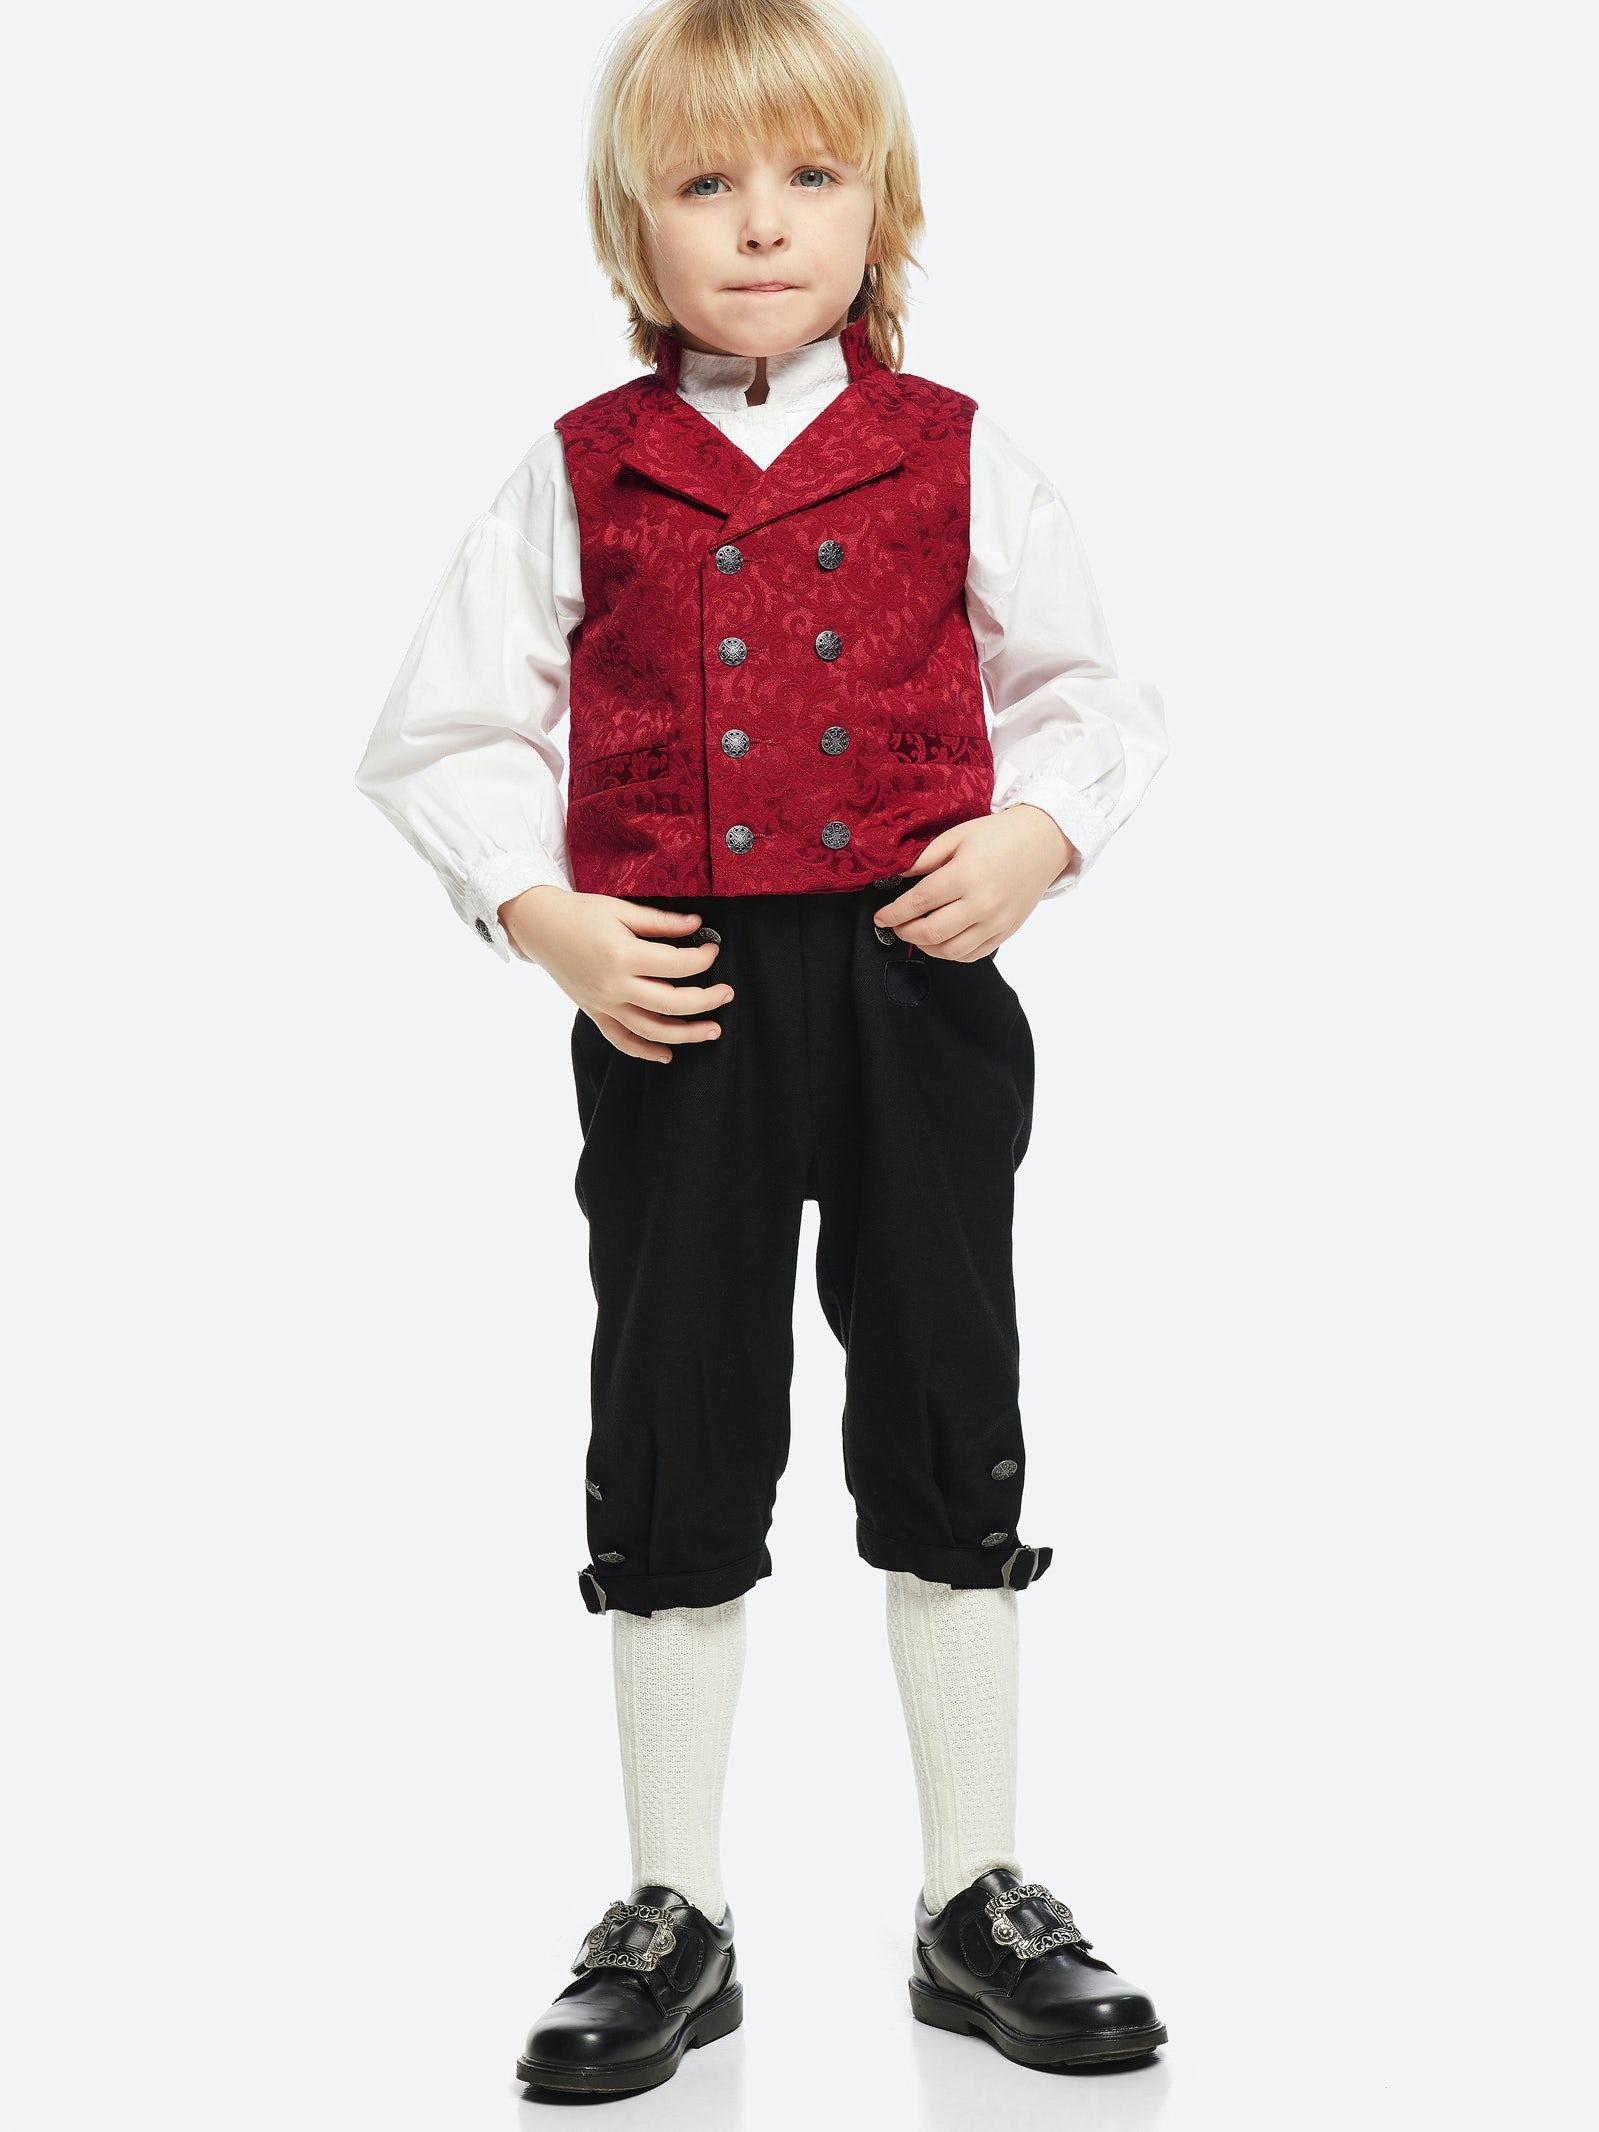 d7a08206 Festdrakt til barn og baby på nett - shop online på cubus.com | Cubus |  Norge